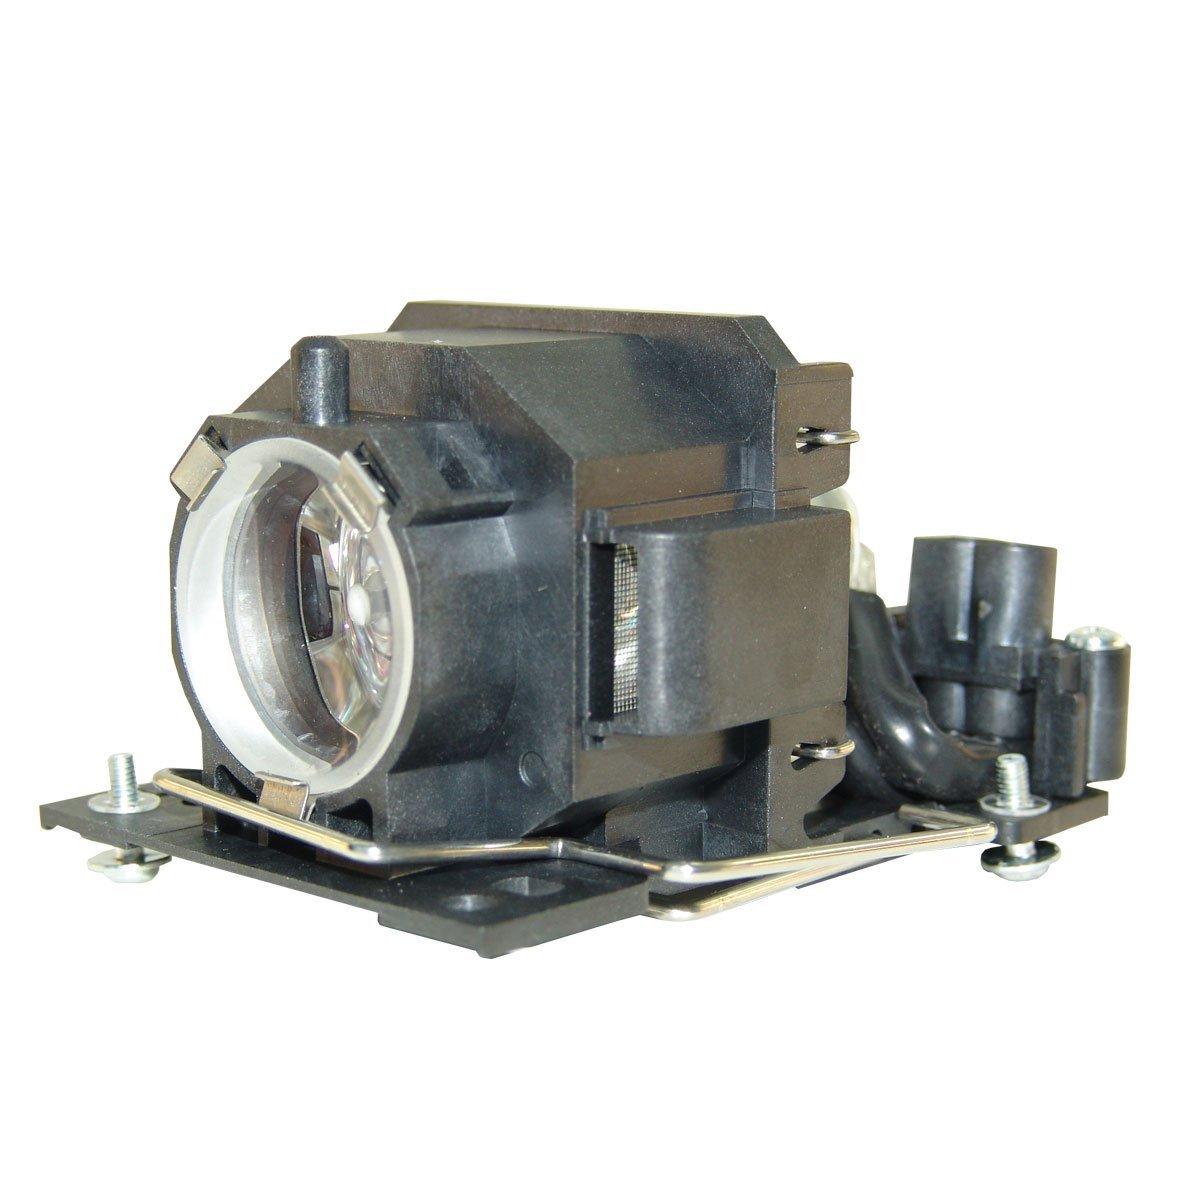 Projector Lamp Bulb RLC-039 RLC039 for VIEWSONIC PJ359W PJL3211 with housingProjector Lamp Bulb RLC-039 RLC039 for VIEWSONIC PJ359W PJL3211 with housing